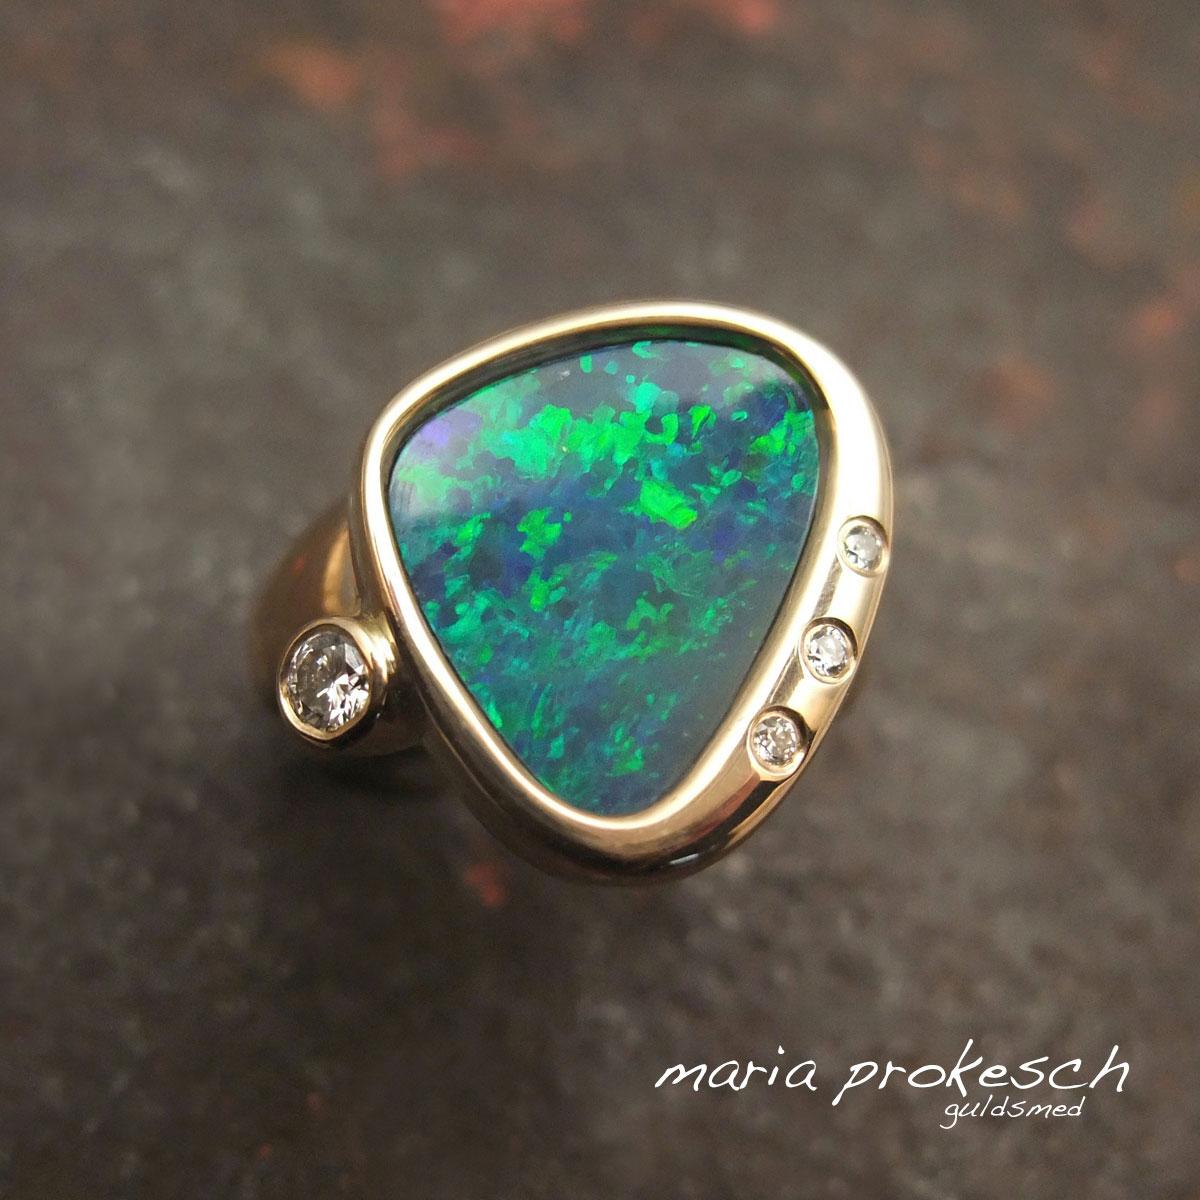 Opalring i guld med asymmetrisk design. Opalen har smukke blå og grønne farver. Diamanter som pynt